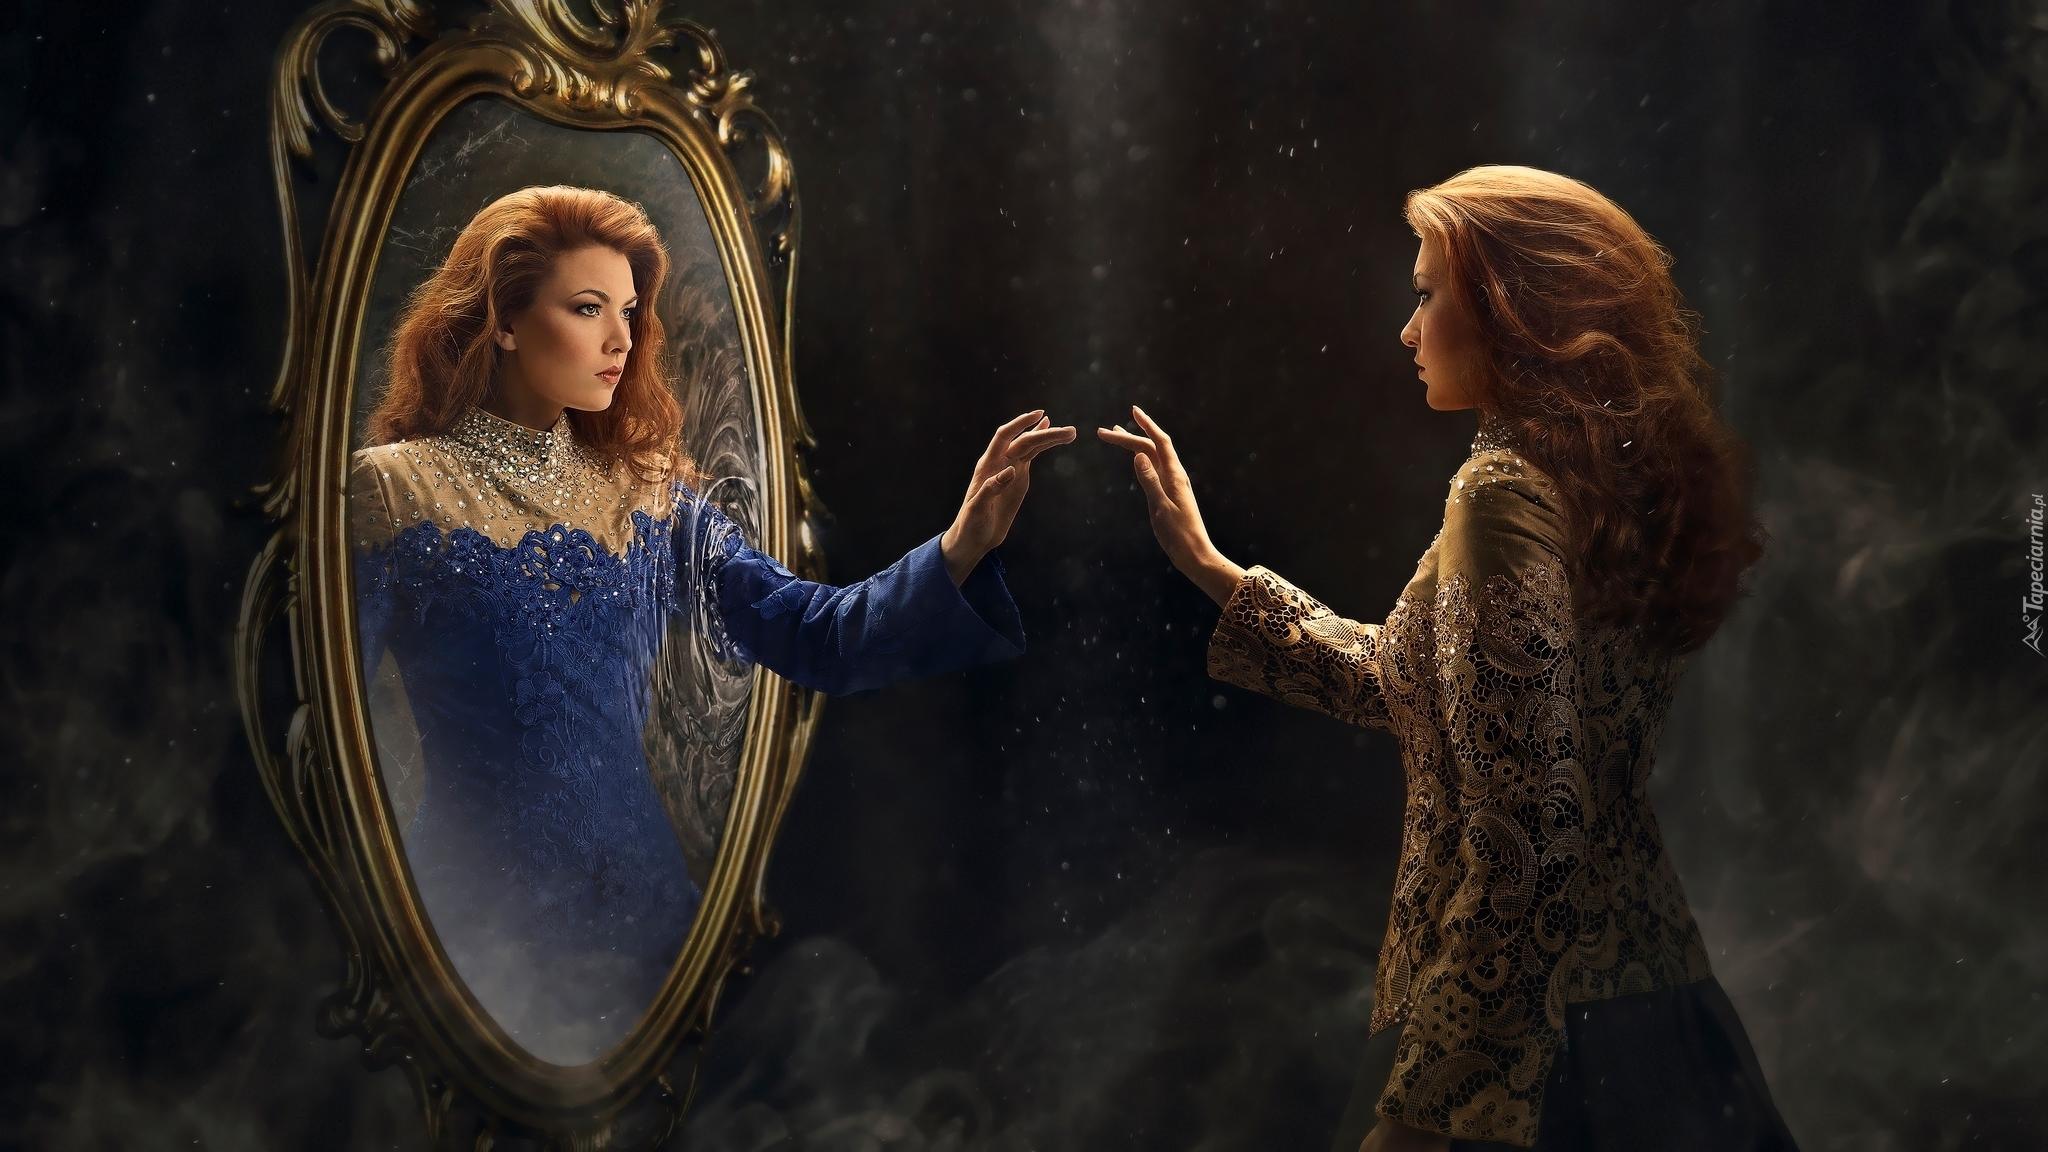 Kobieta i jej odbicie w lustrze